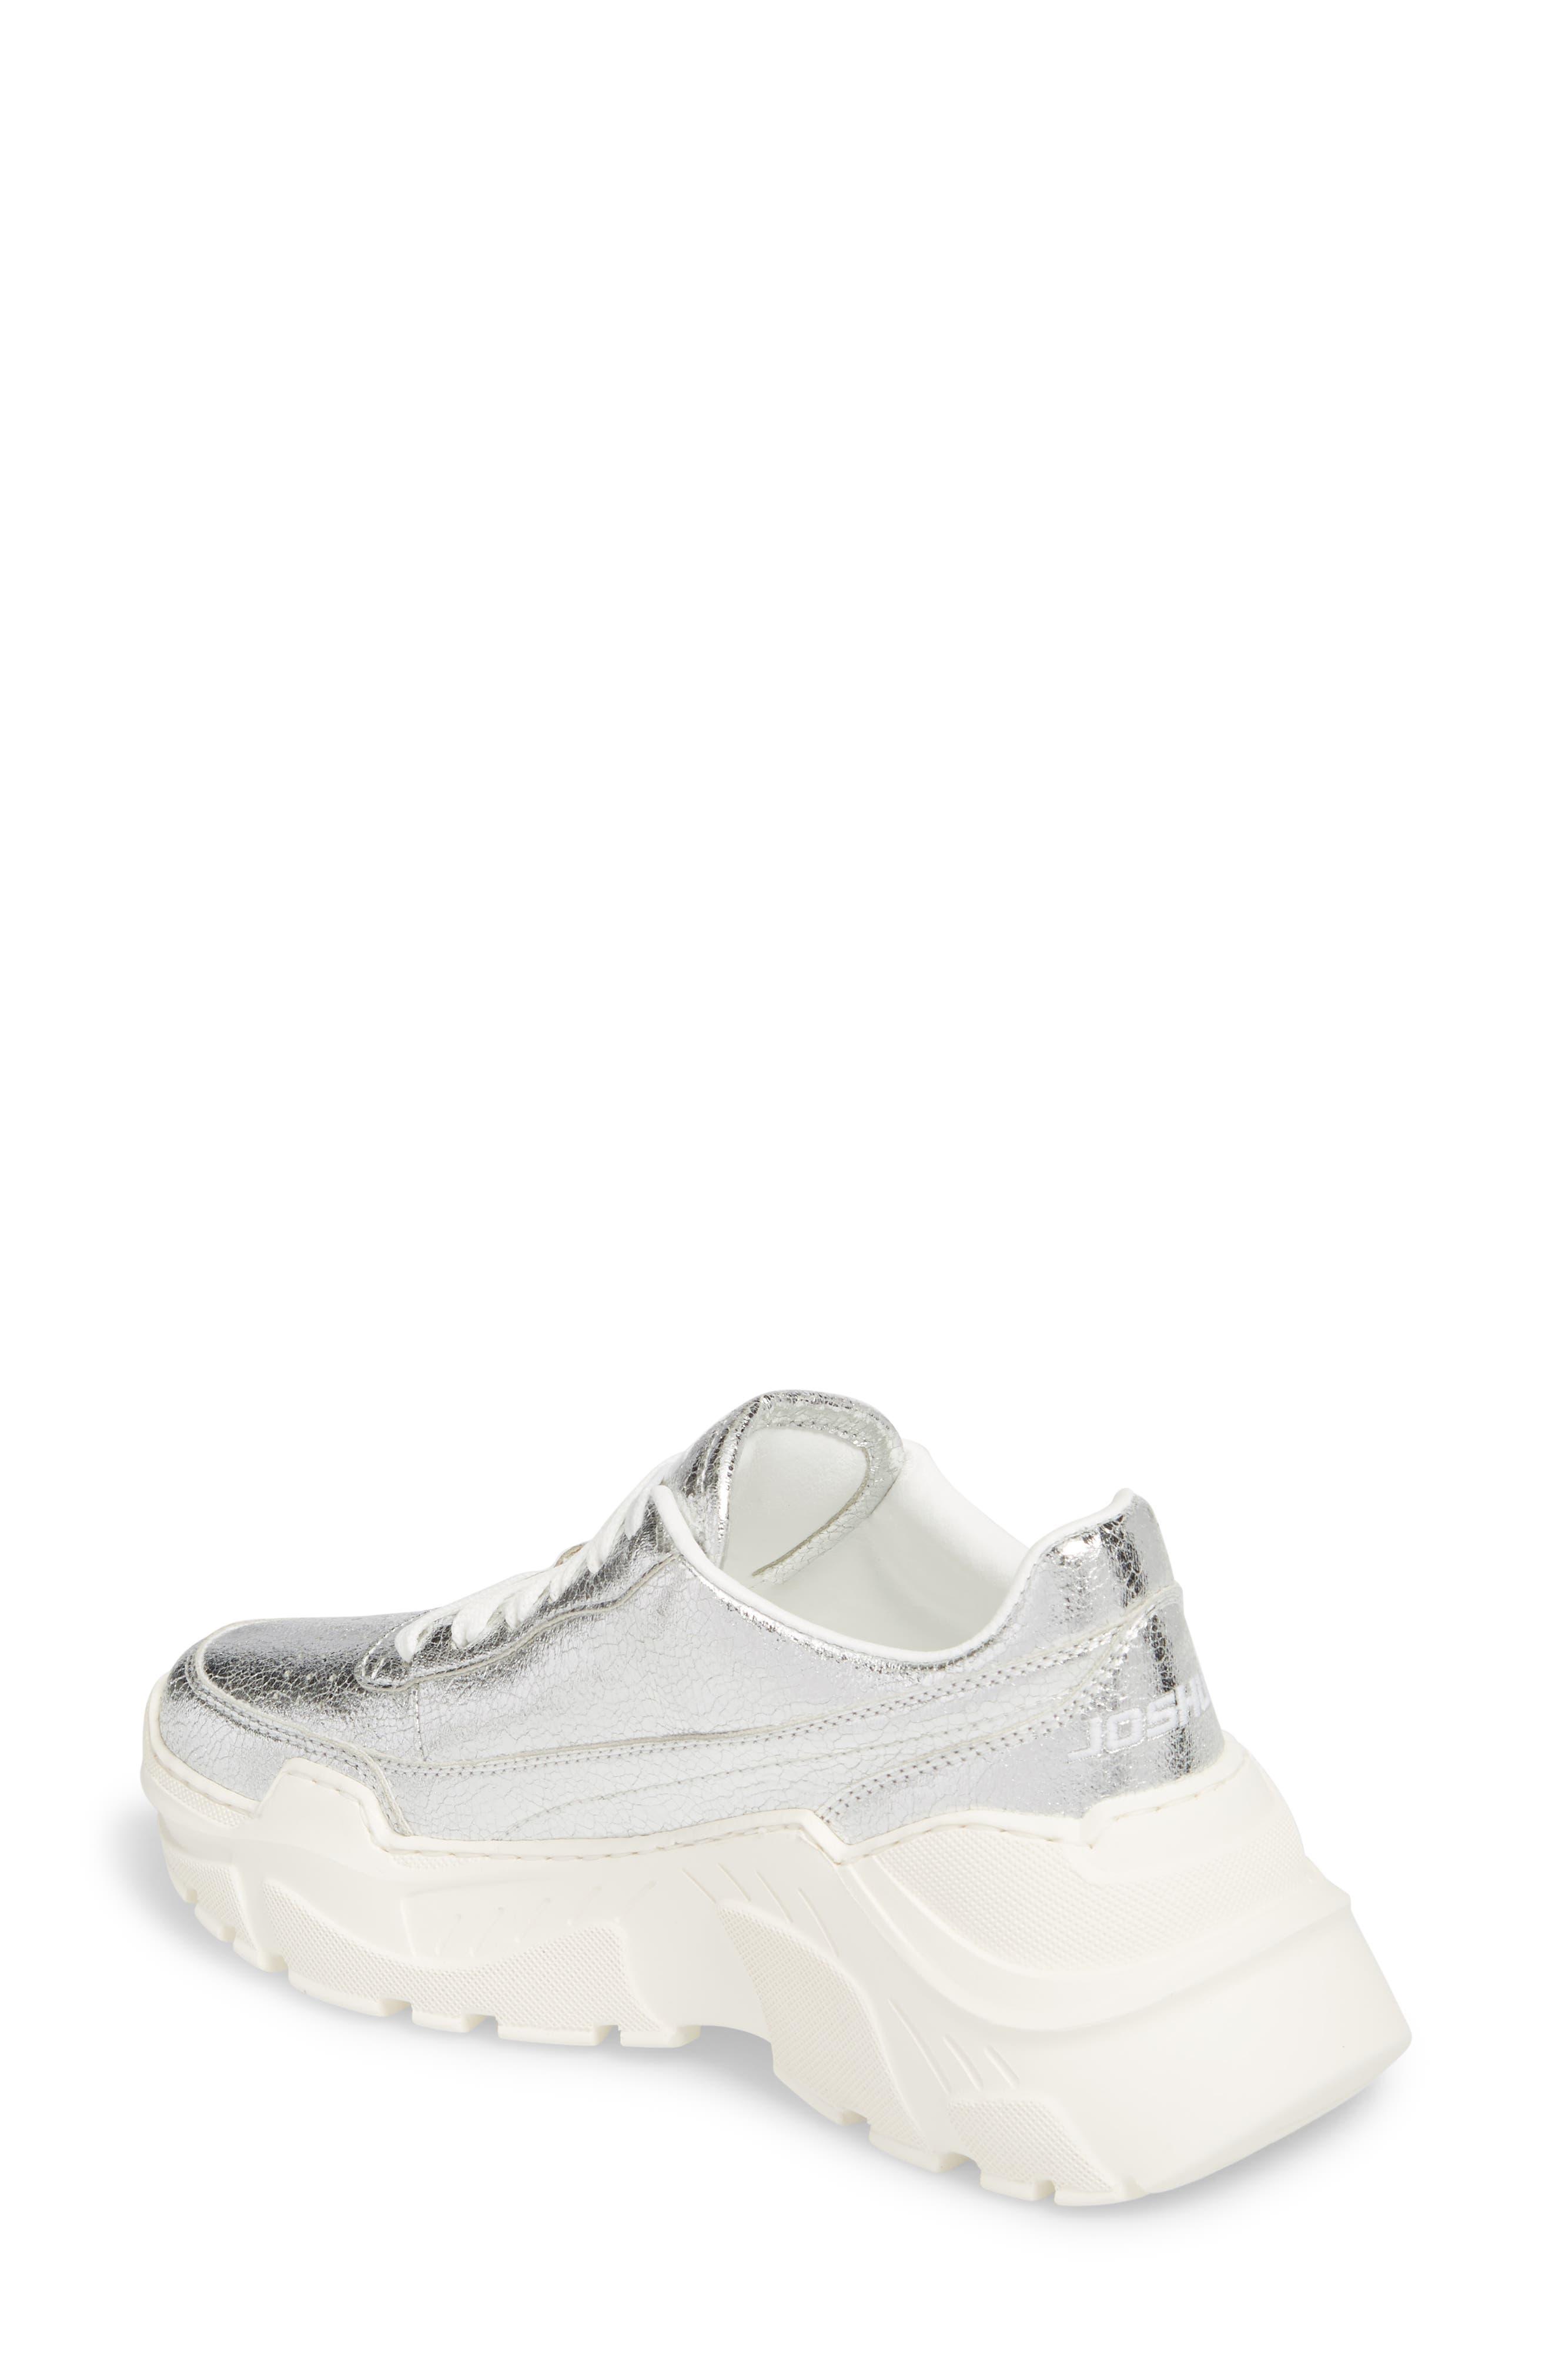 Zenith Sneaker,                             Alternate thumbnail 2, color,                             020